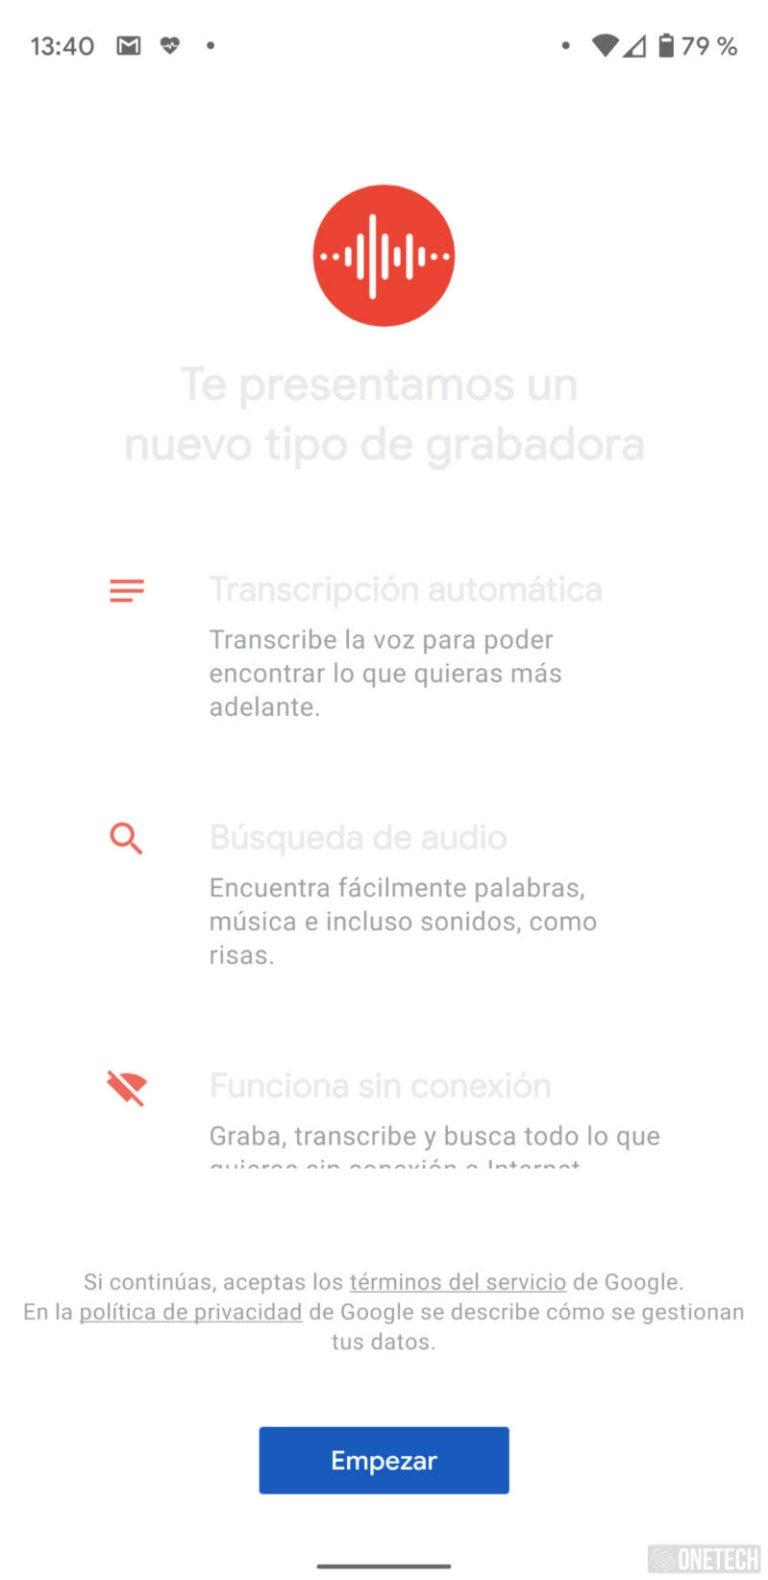 Grabadora de Google ahora cuenta con transcripción y detección de ubicación 1